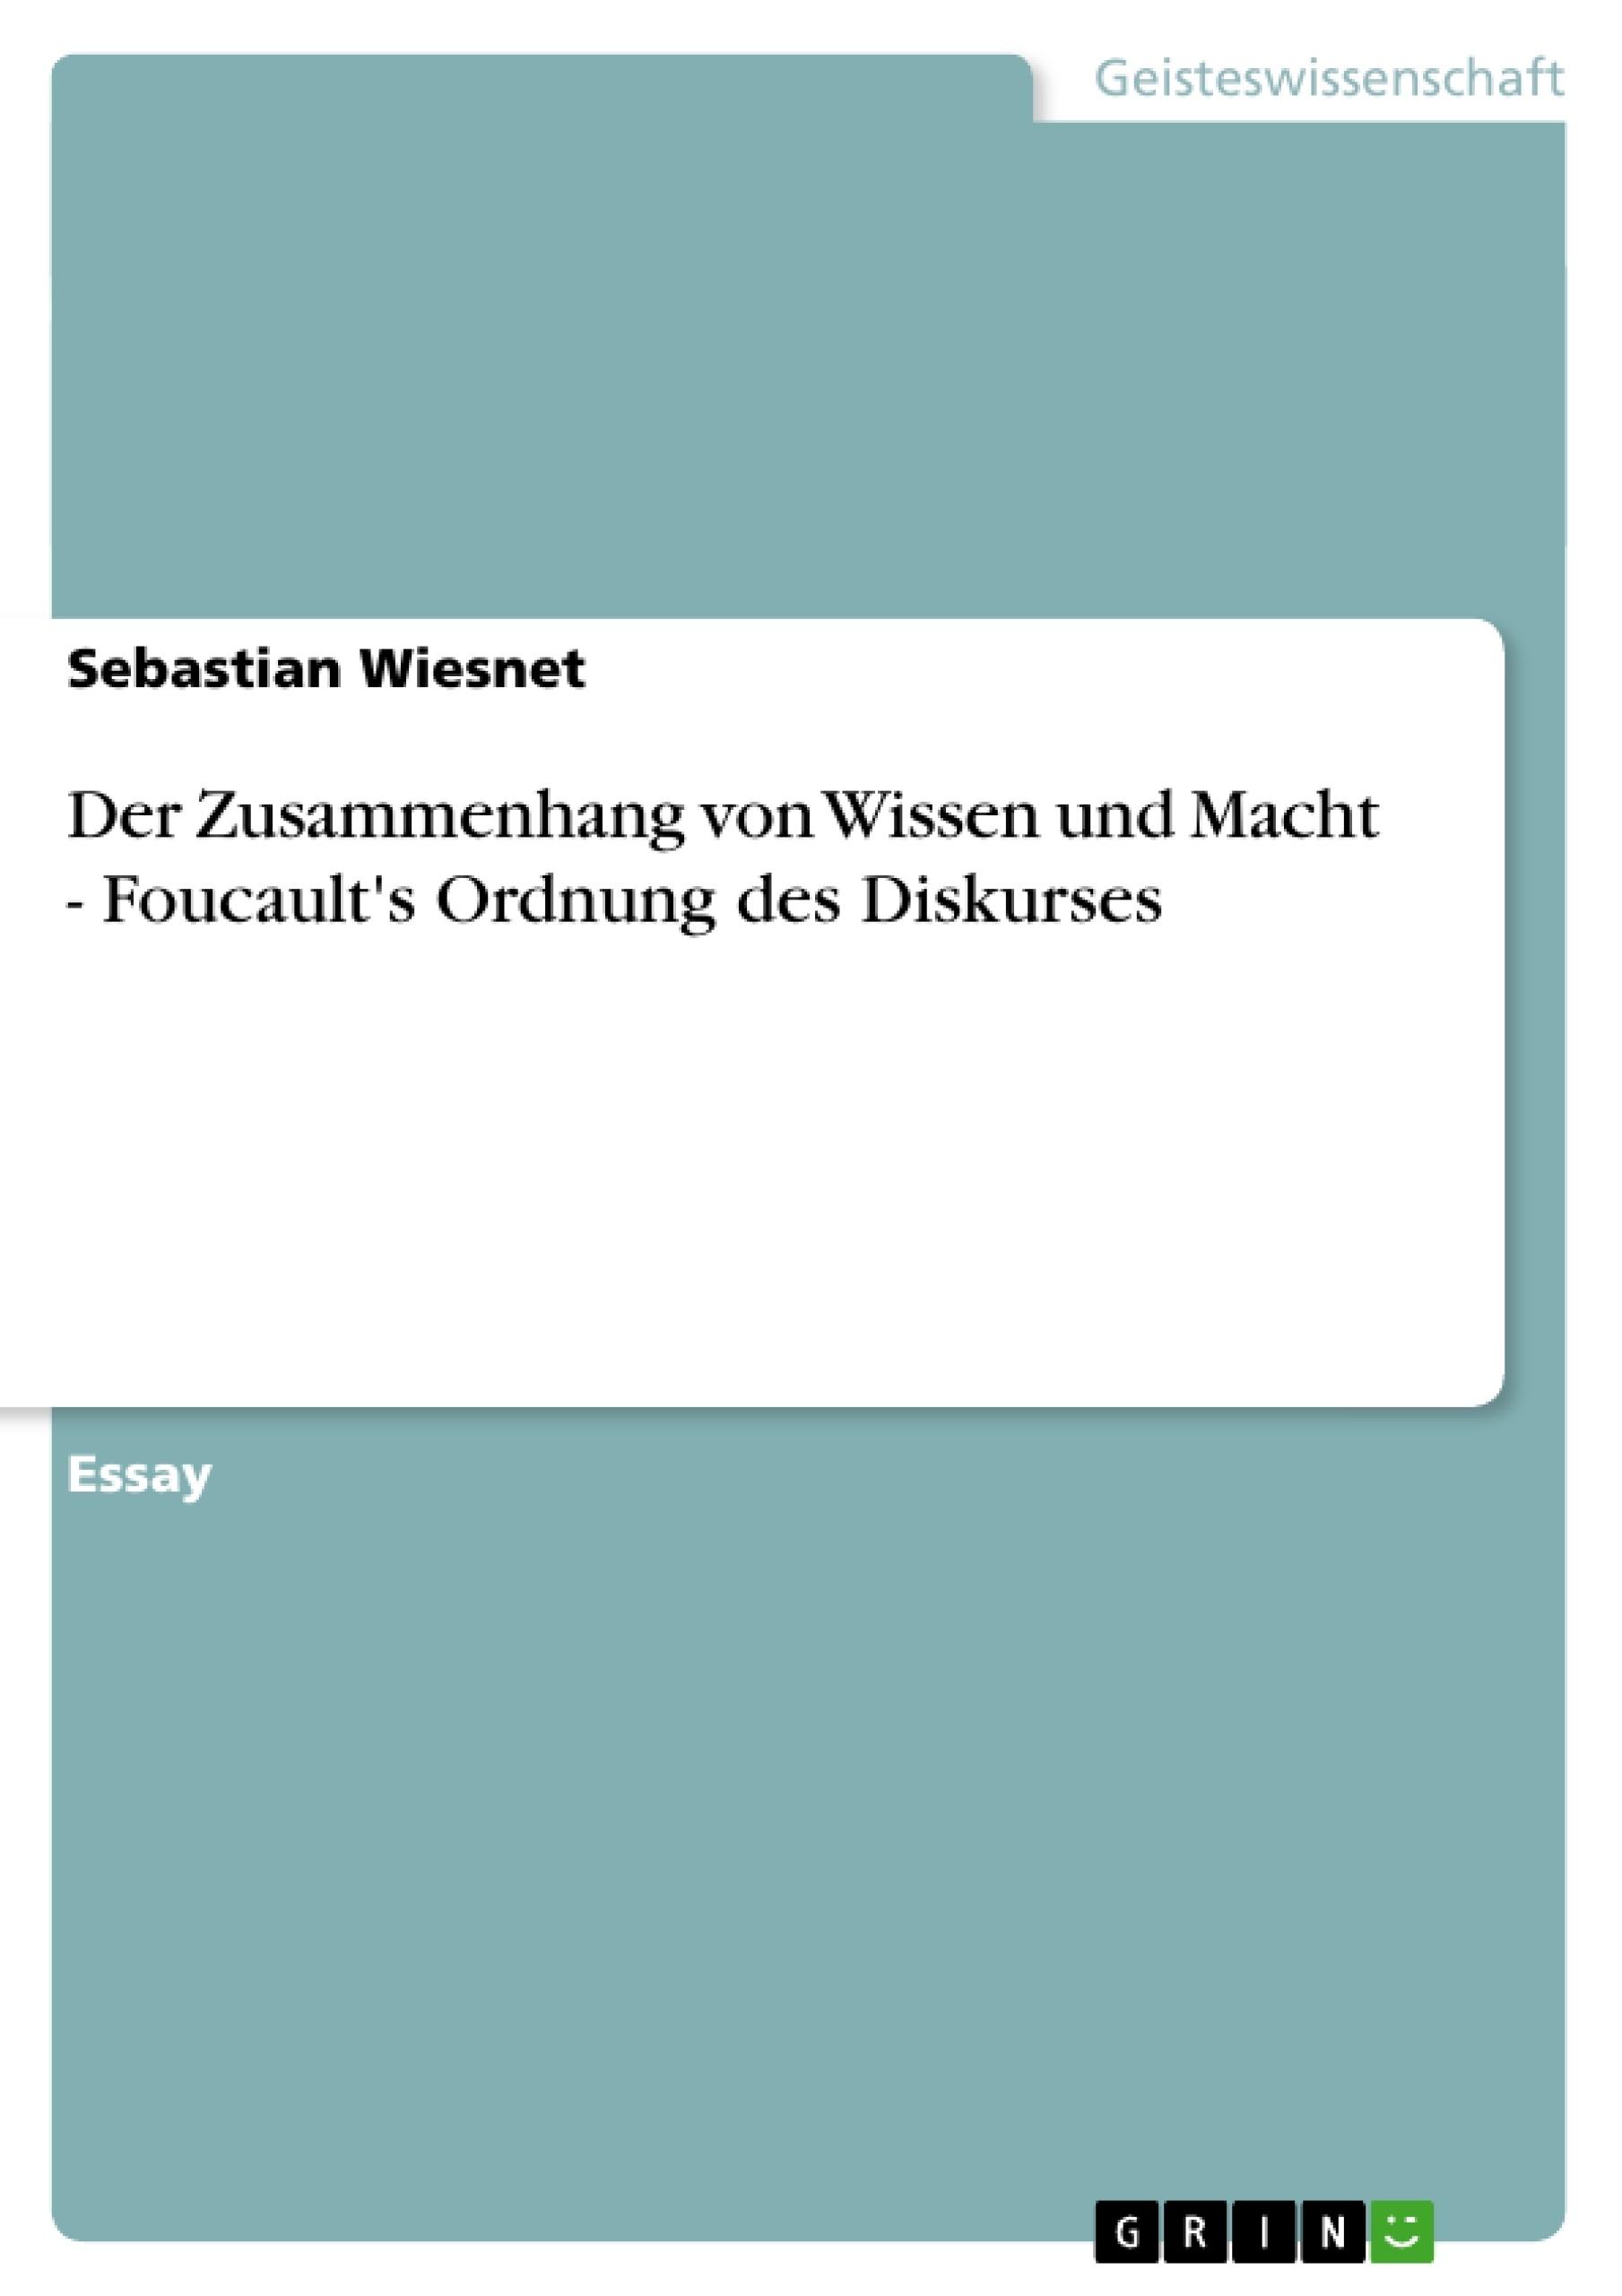 Titel: Der Zusammenhang von Wissen und Macht - Foucault's Ordnung des Diskurses